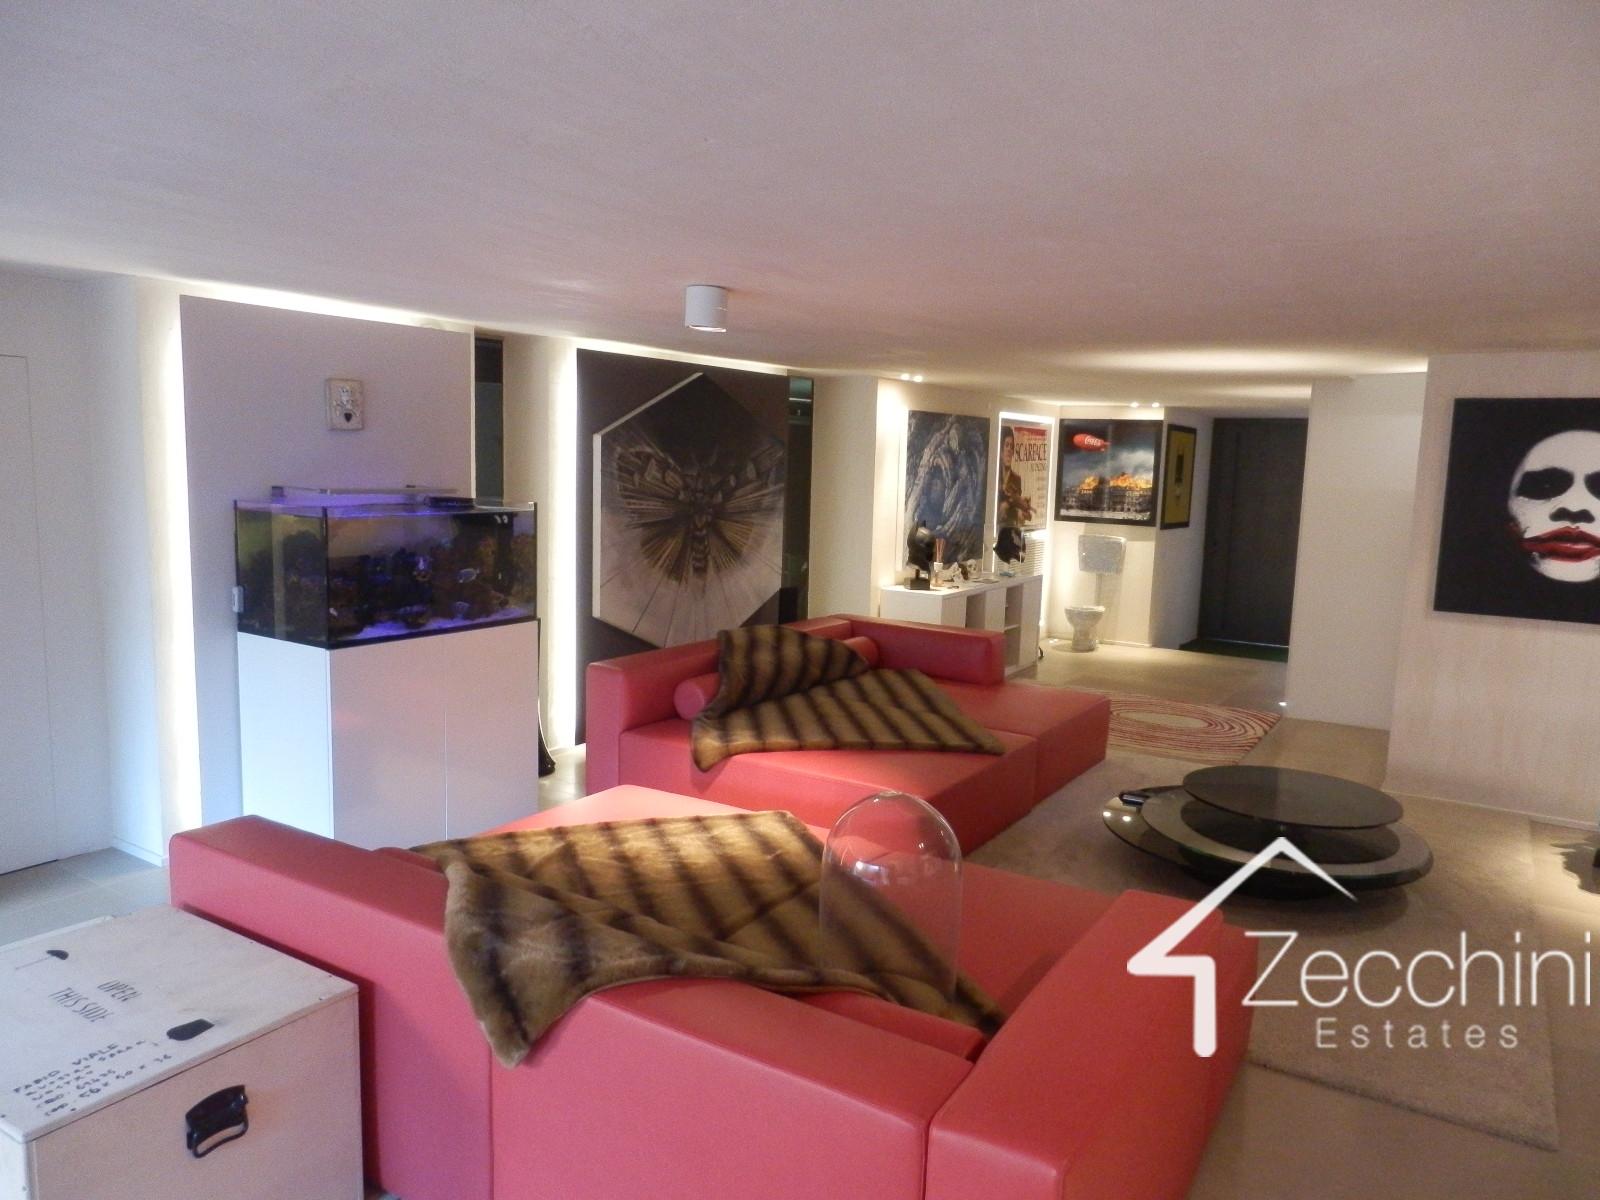 Villa in vendita a Basiglio, 10 locali, zona Località: Milano3, Trattative riservate | Cambio Casa.it